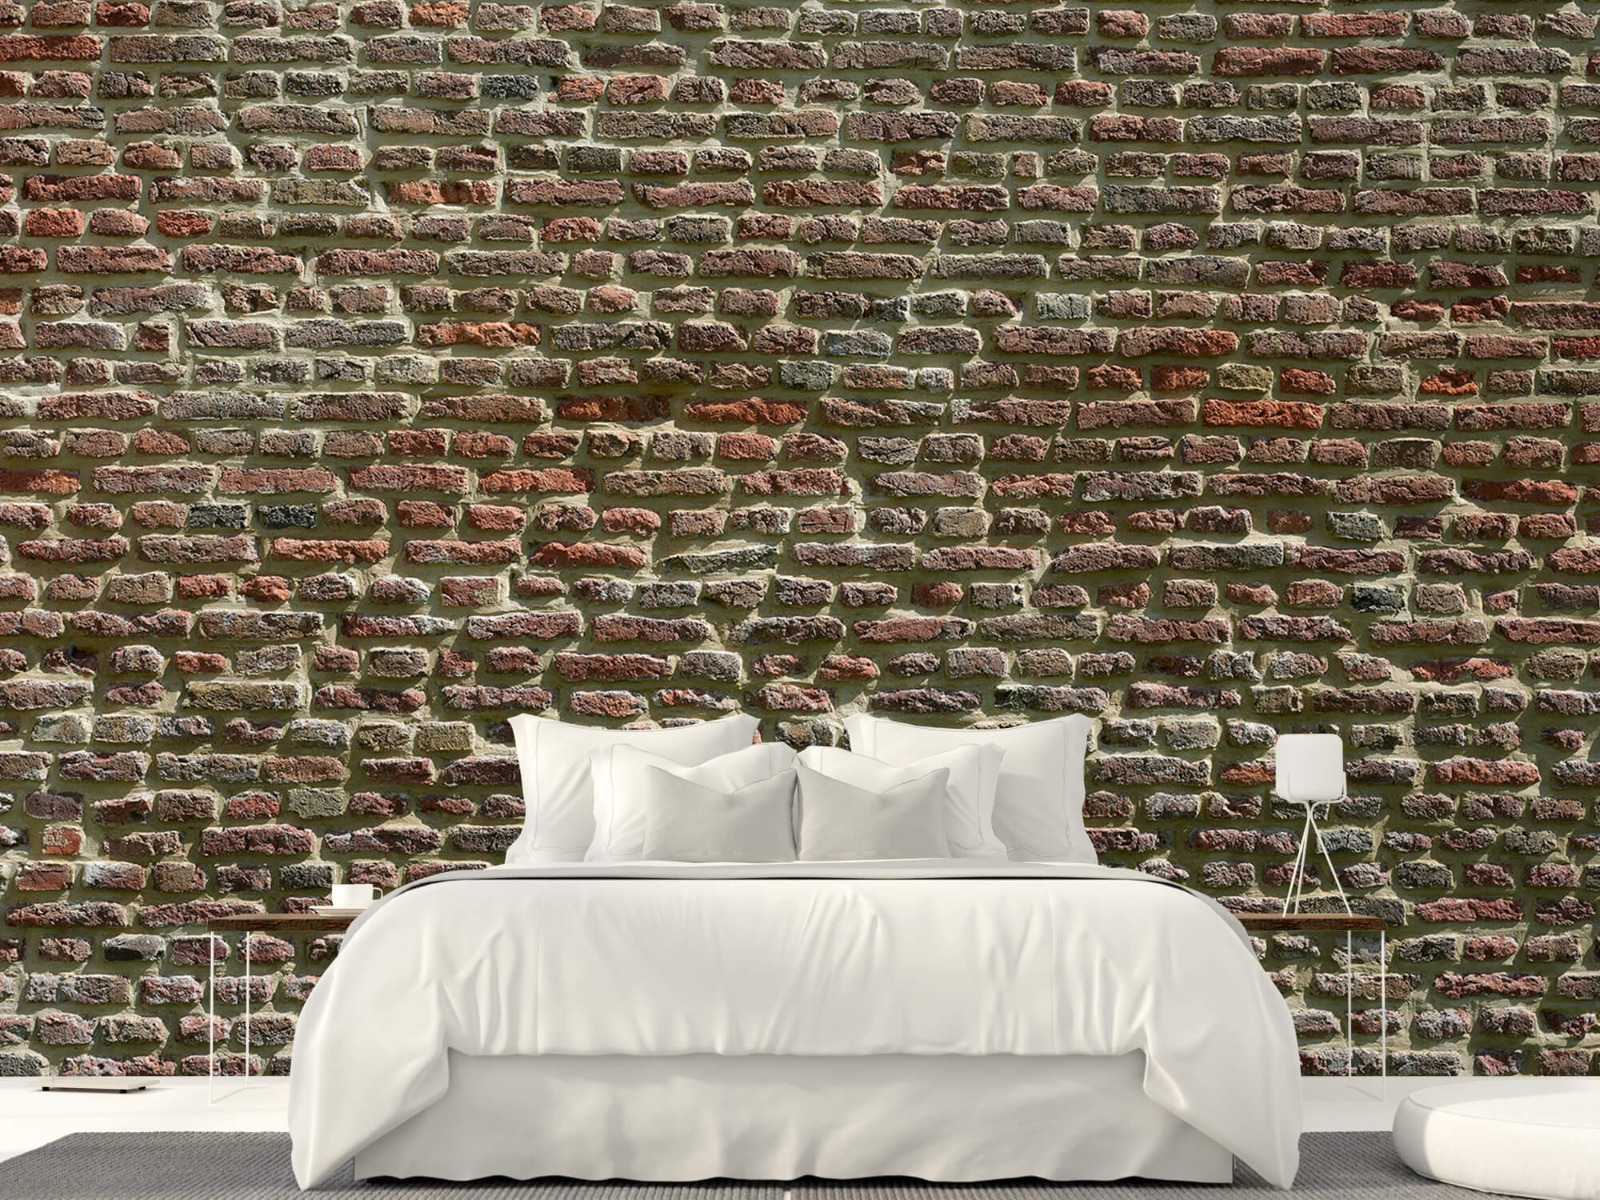 Stenen - Muur van oude bakstenen 24